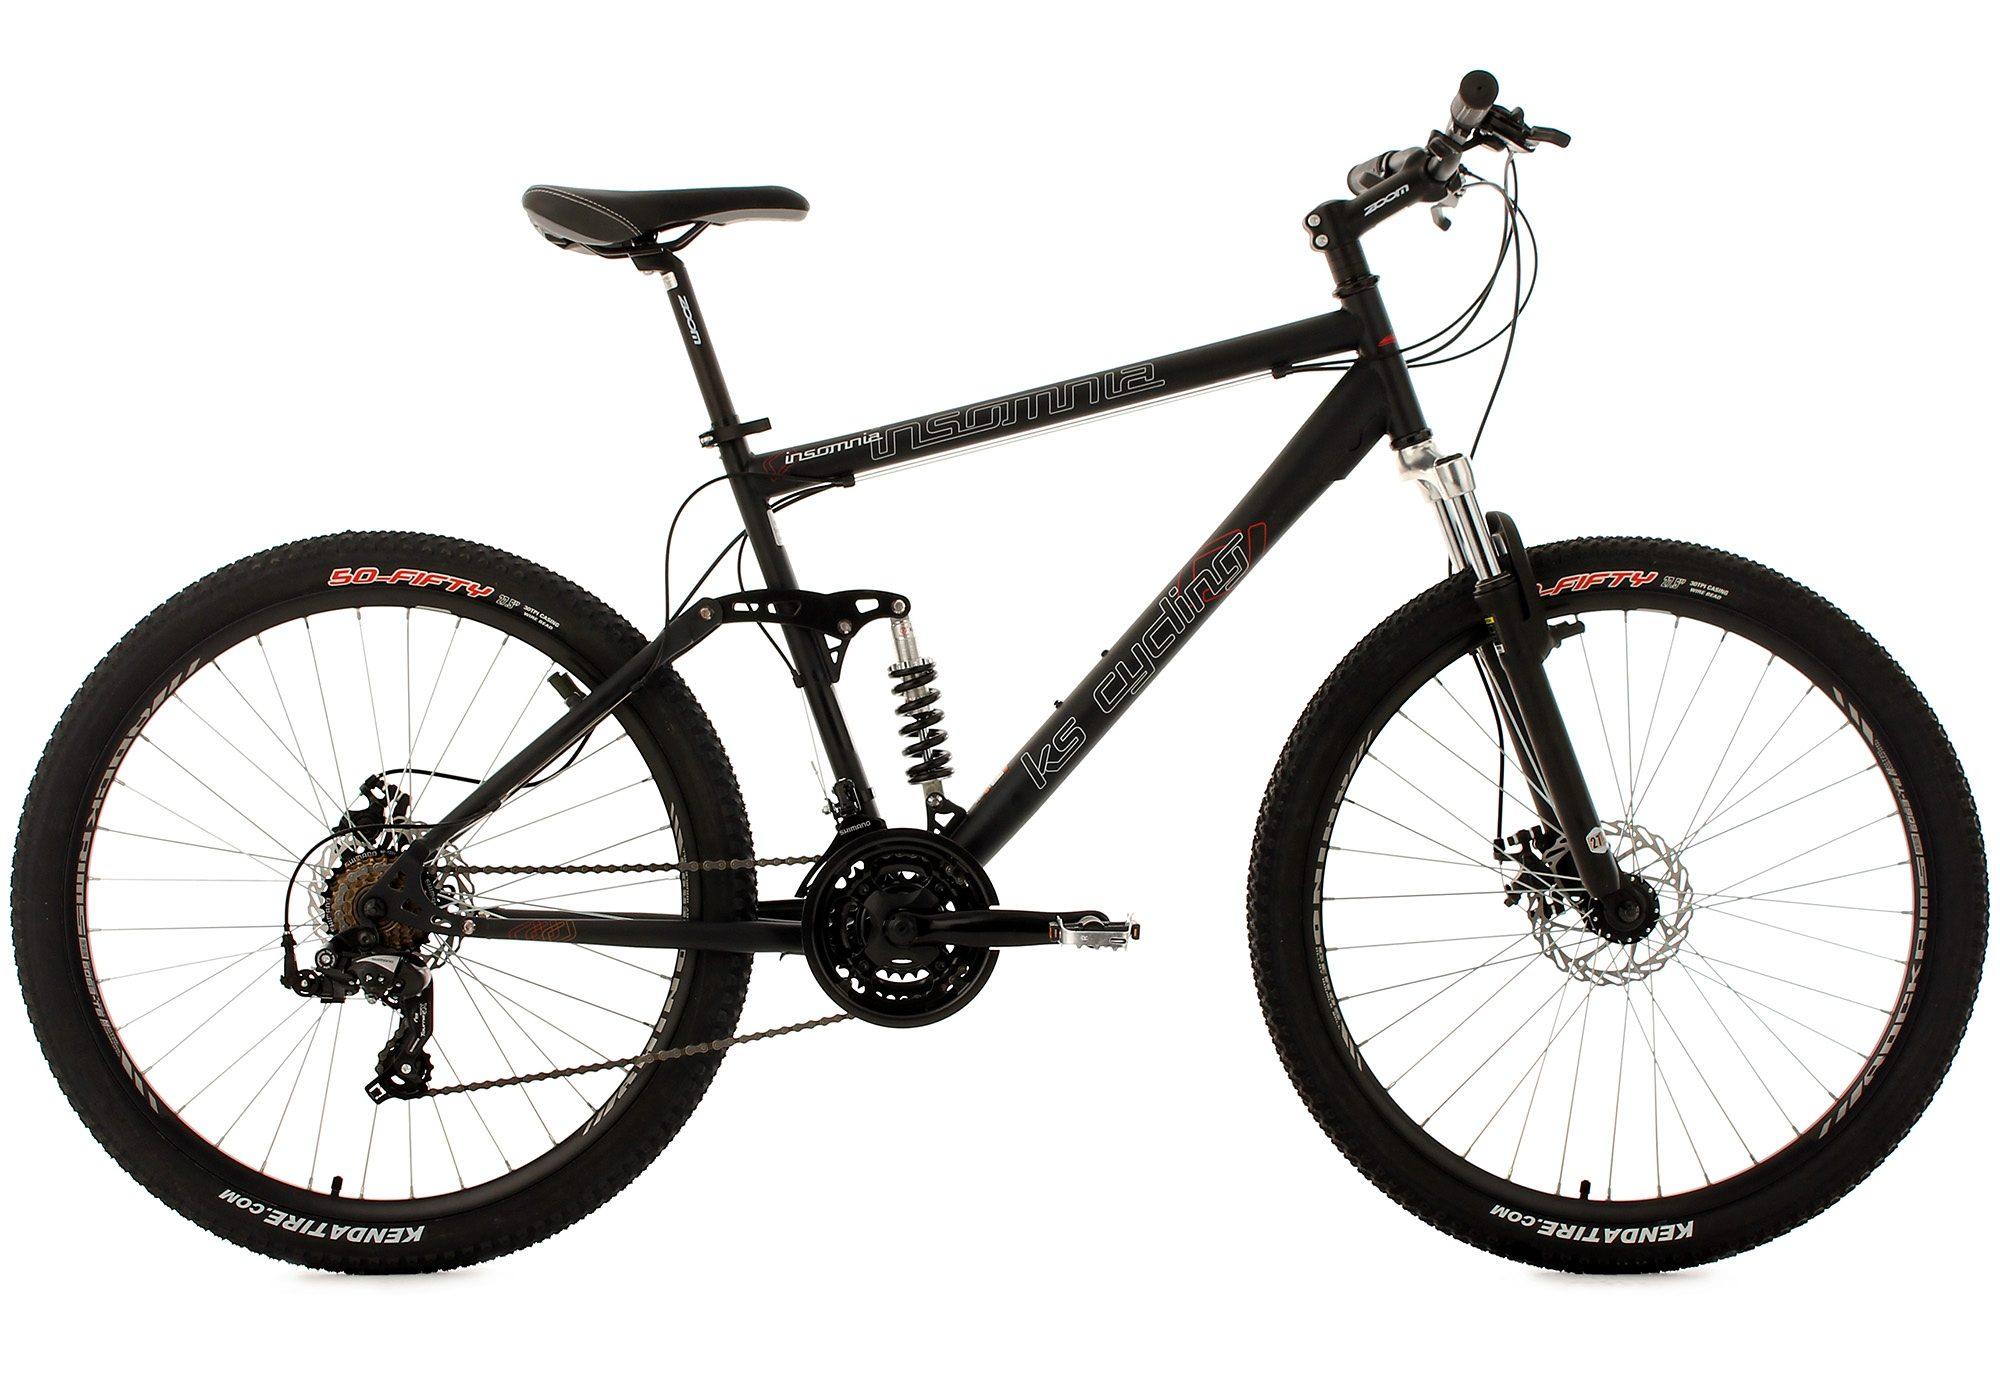 KS Cycling Fully Mountainbike, 27,5 Zoll, schwarz, 21 Gang-Kettenschaltung, »Insomnia«